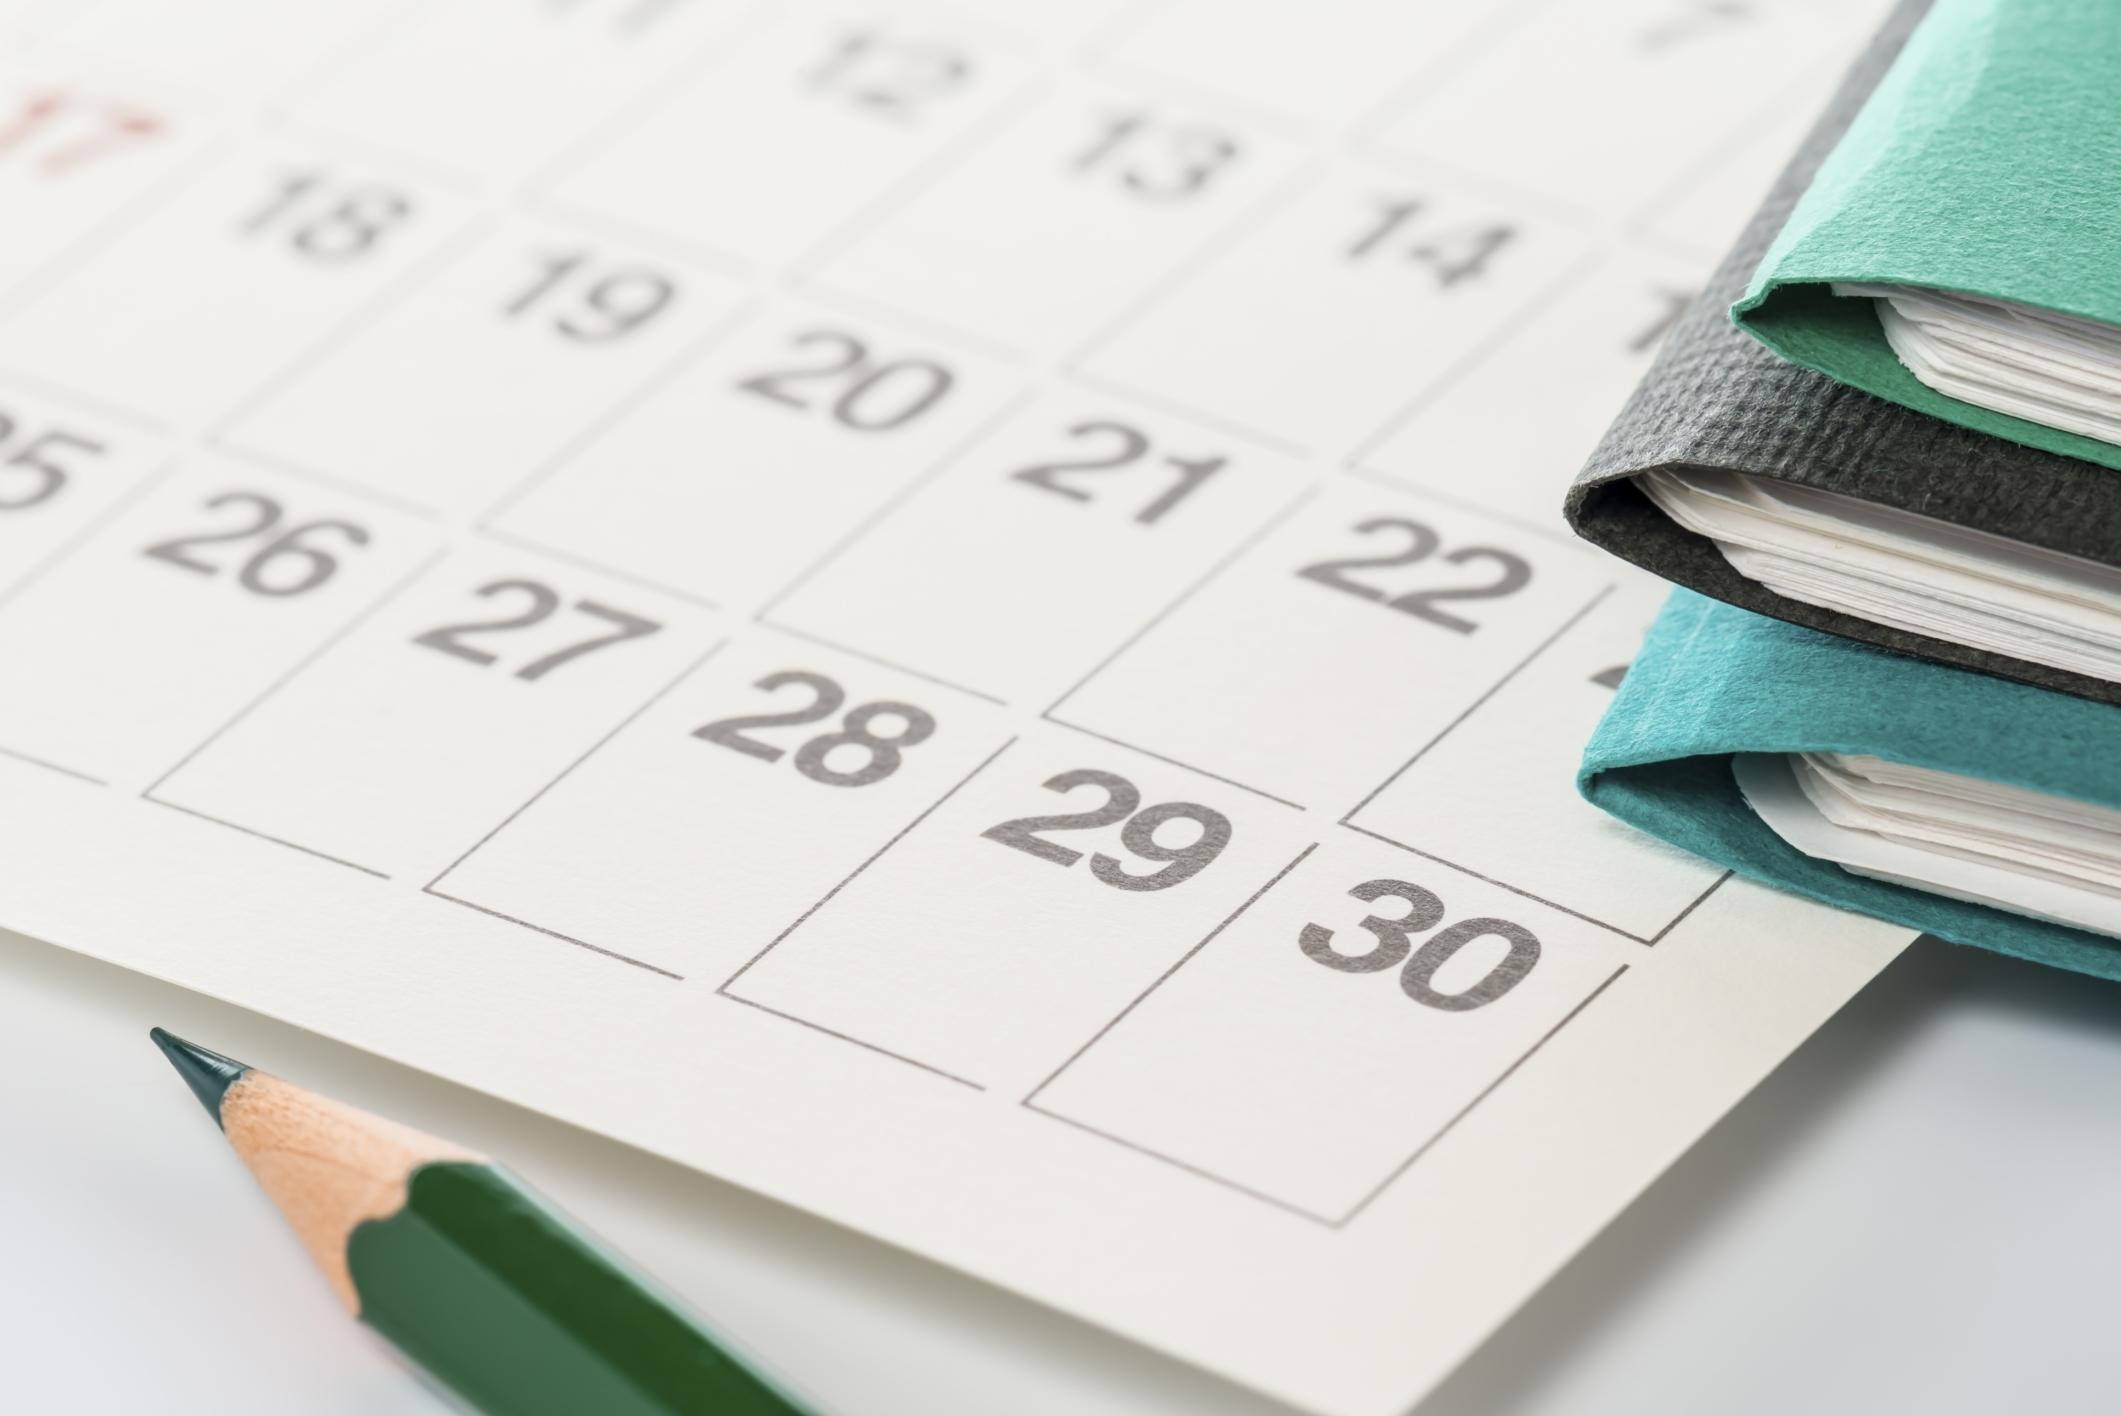 How To Print Your Windows 10 Calendar | Digital Care